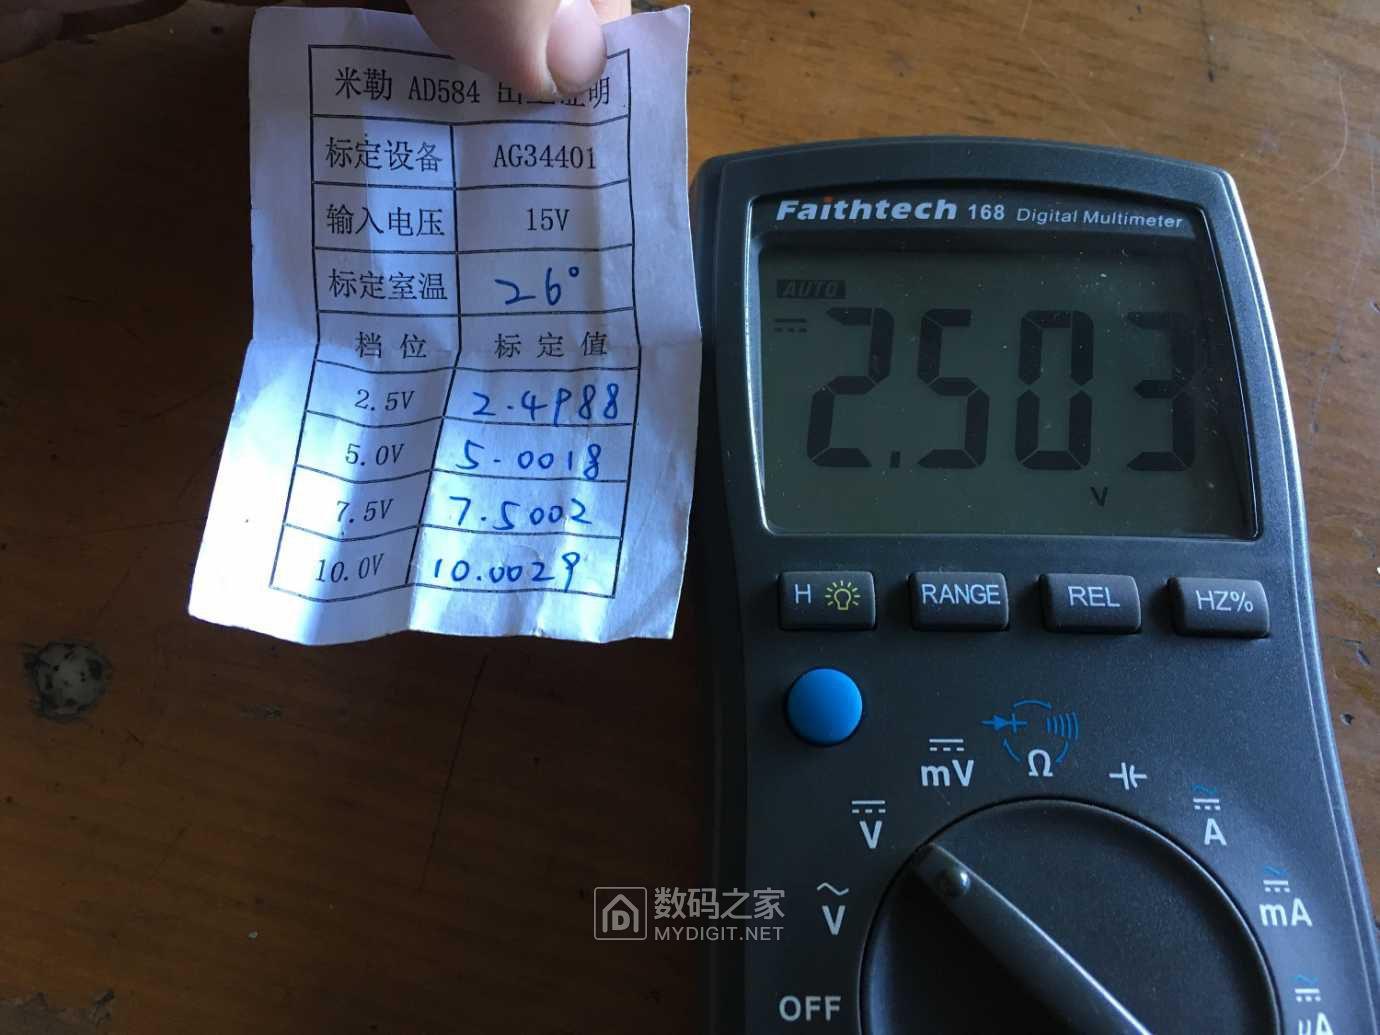 96FF1E41-F46E-4707-A4D3-B68A7E52FFAA.jpeg